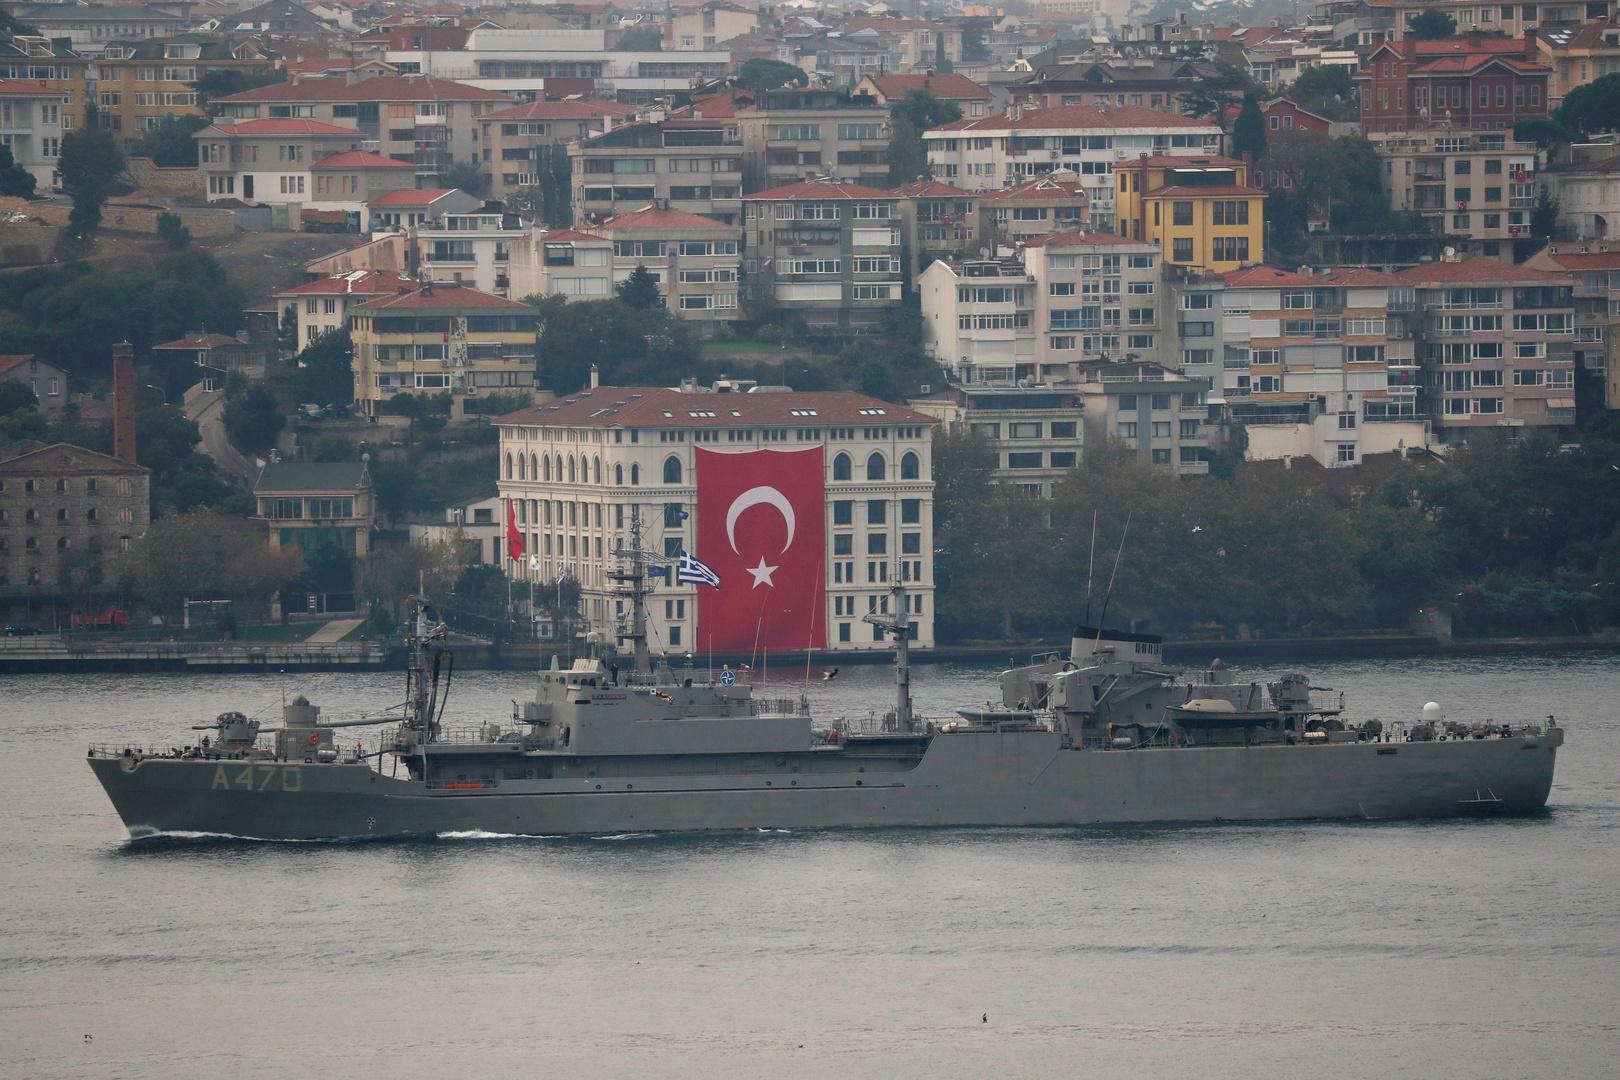 آلية بحرية تركية في البوسفور، صورة تعبيرية